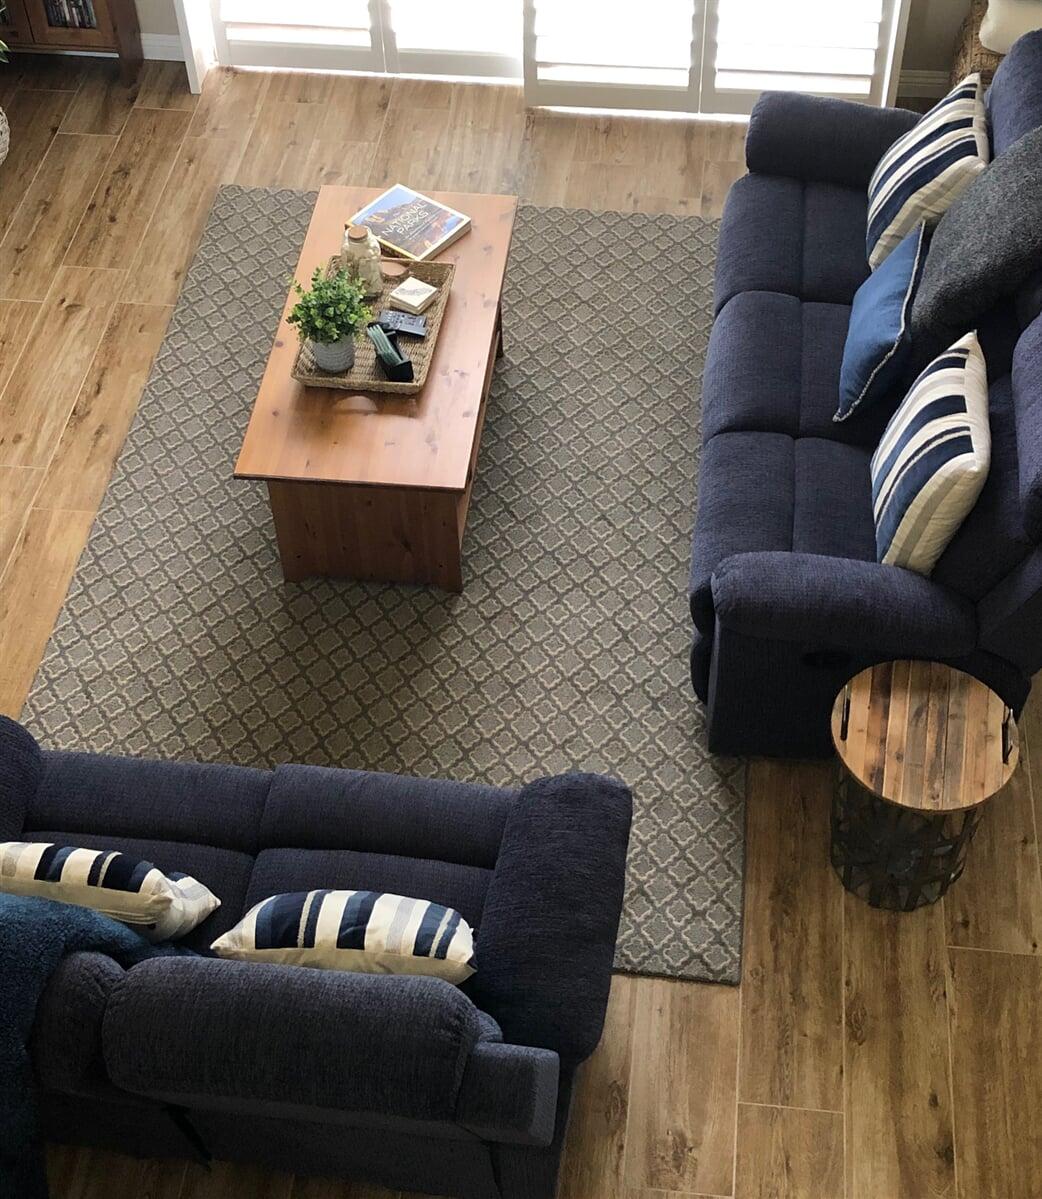 Area rugs from Boulevard Flooring Emporium